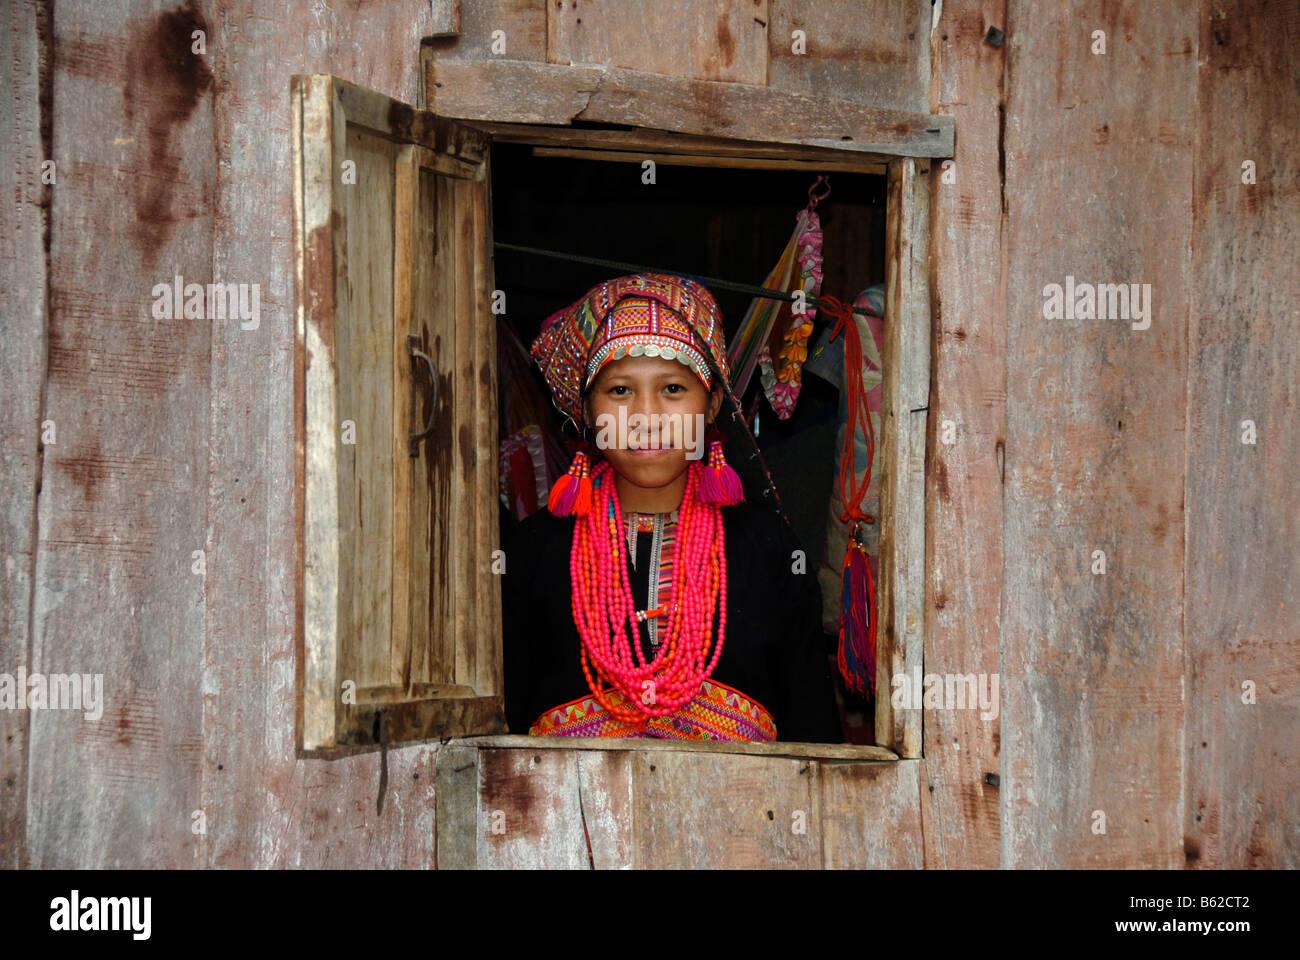 Junge Frau des Stammes Akha Pala Blick aus einem Fenster gekleidet in einem bunten Kopf-Kleid und eine rote Halskette, Stockbild